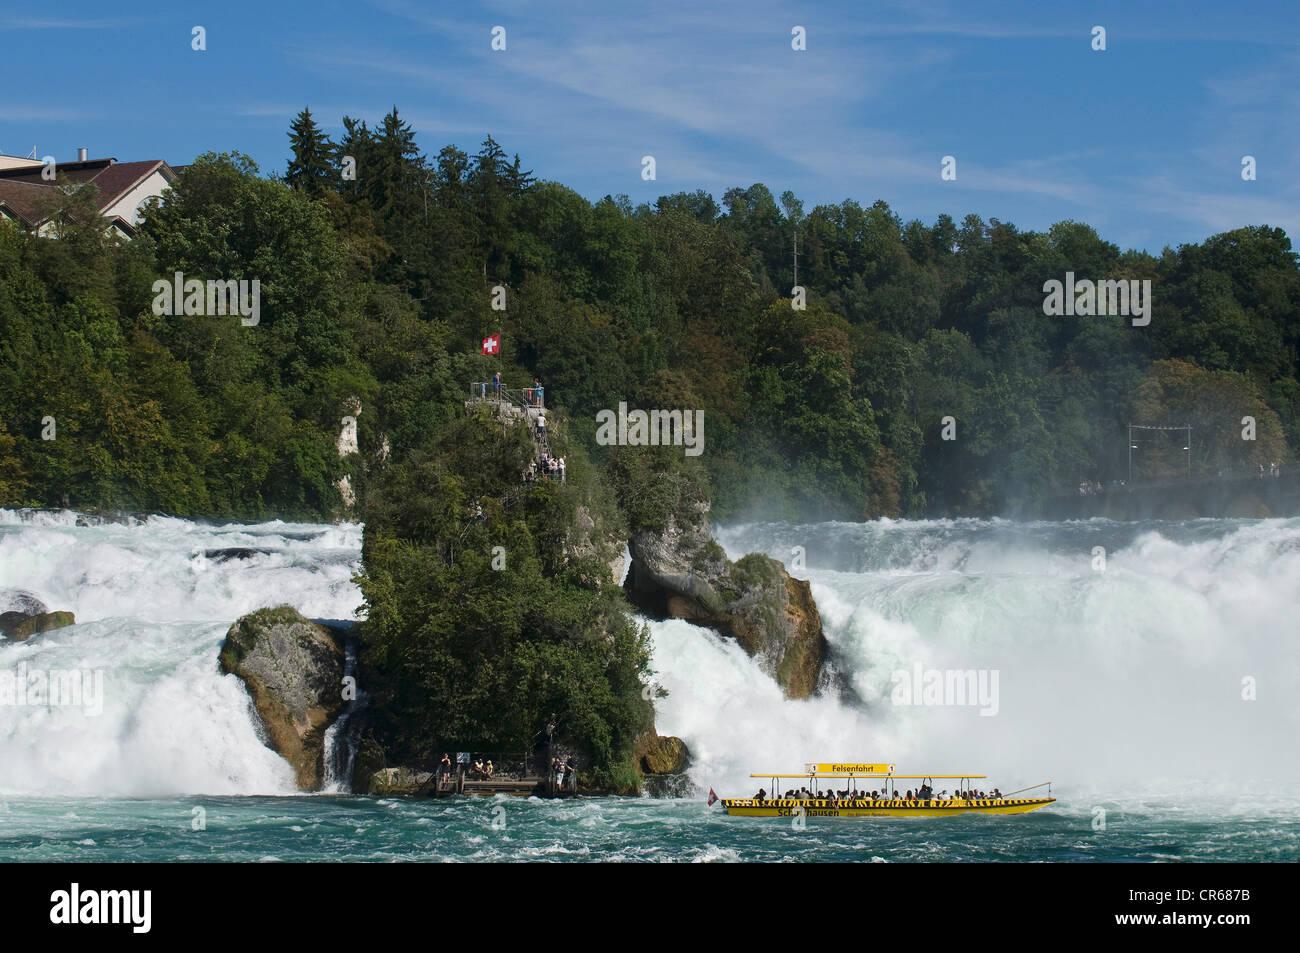 Felsen inmitten der tosenden Wasser des Rheins fällt Schaffhausen, touristischen Ausflugsboot auf der Vorderseite, Stockbild